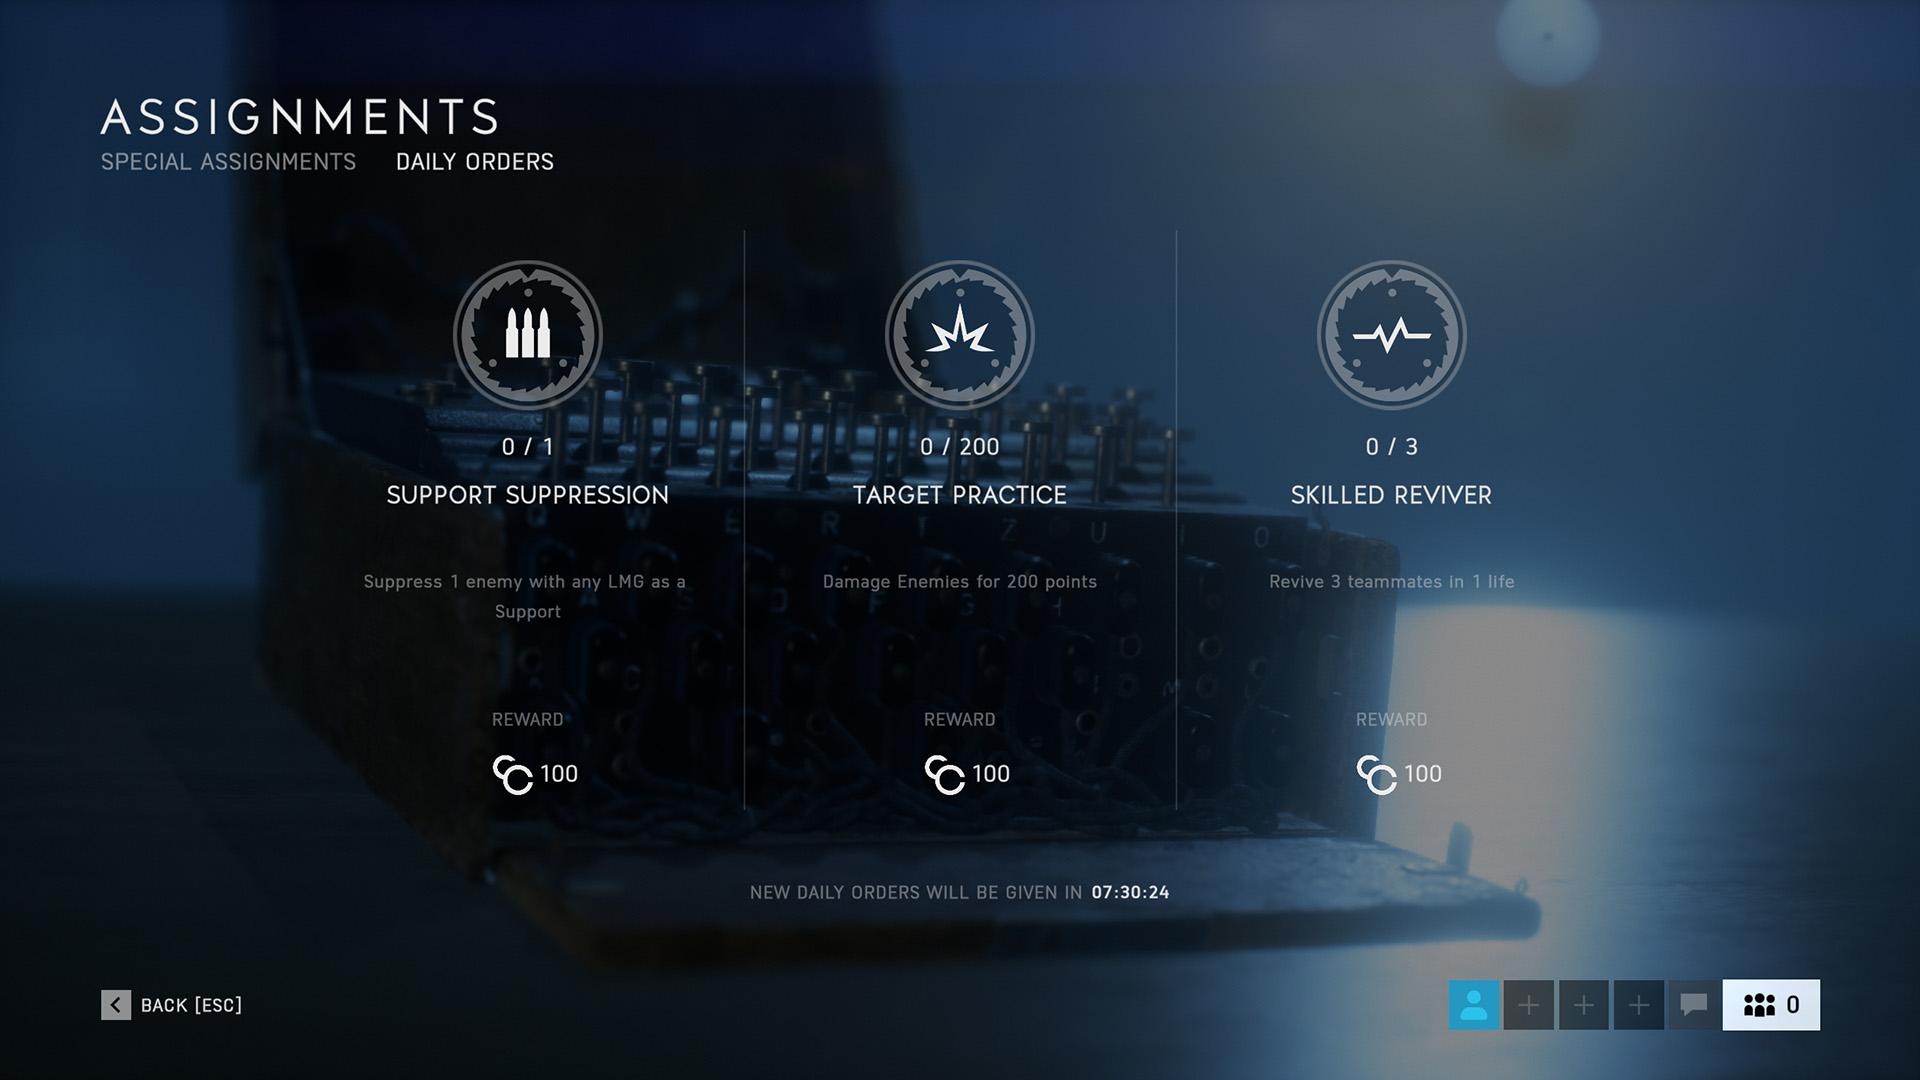 Battlefield V Screenshot 2018_0033_Battlefield V Screenshot 2018.11.11 - 20.29.36.74.jpg